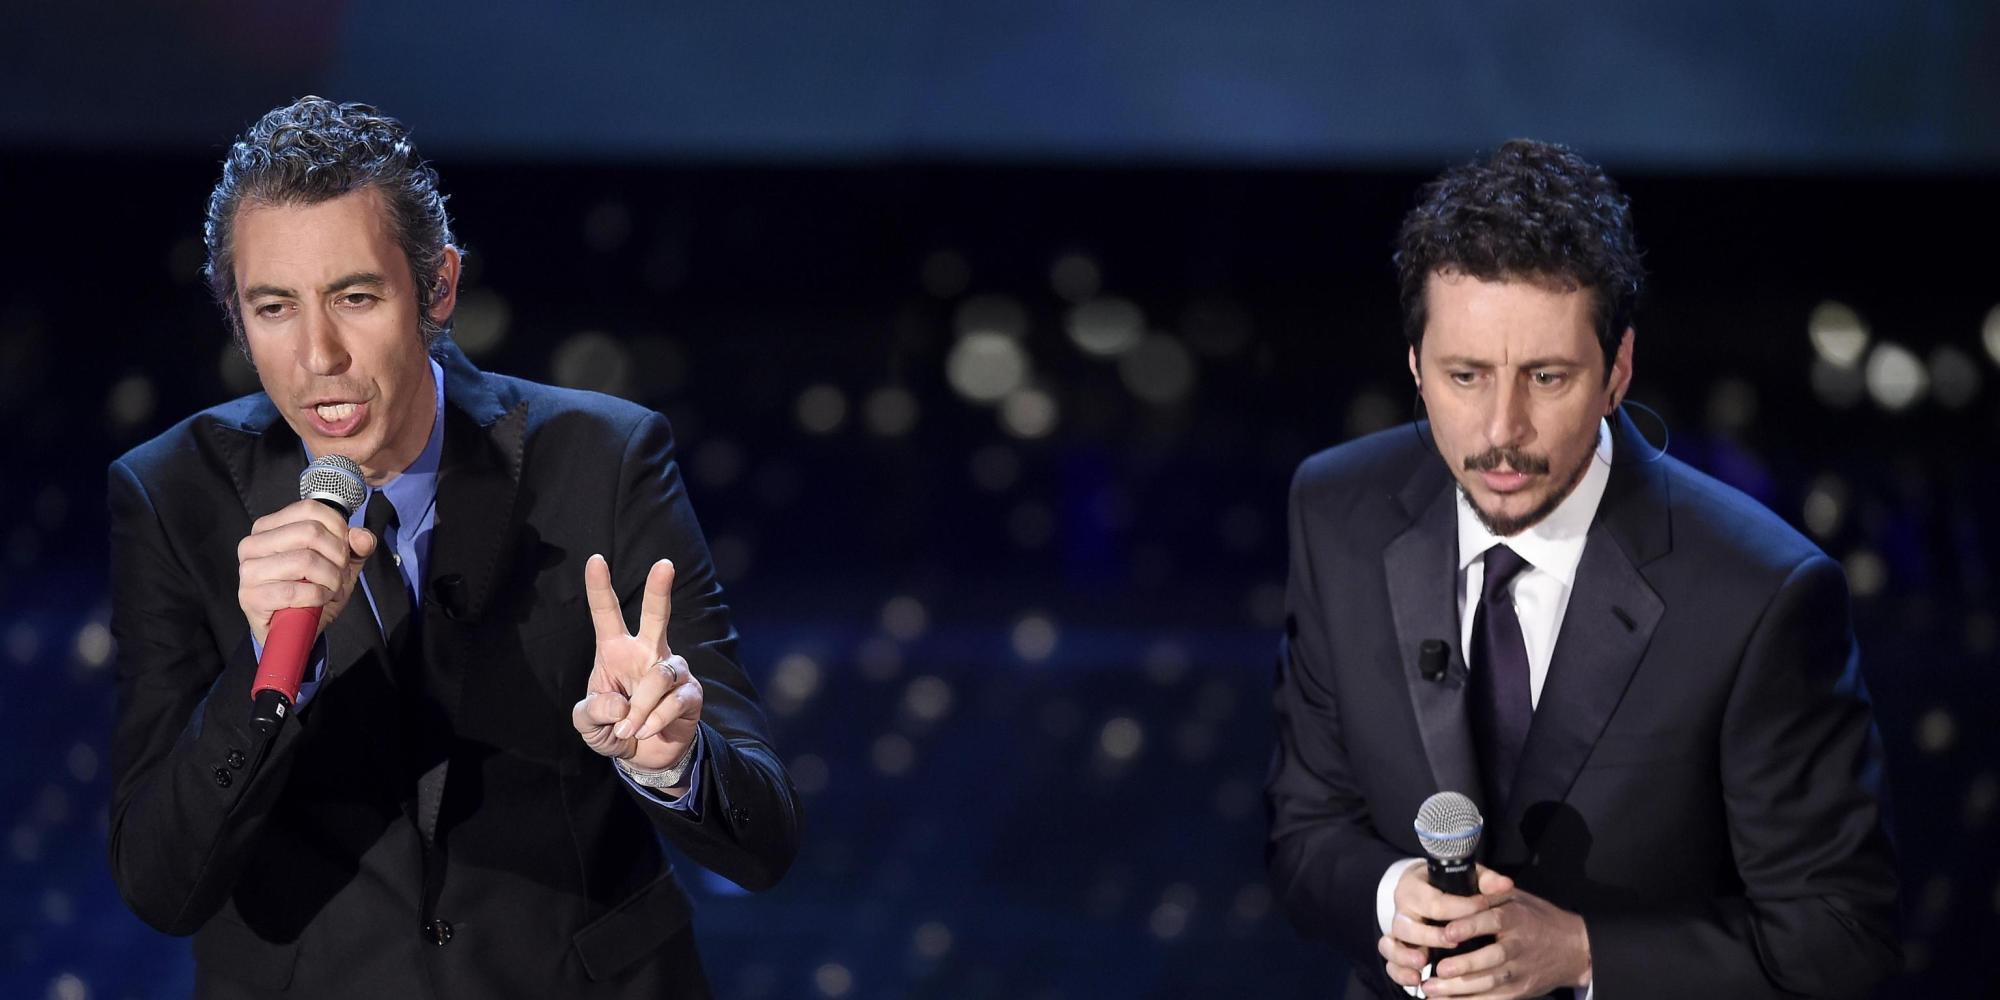 Luca e Paolo a Sanremo salutano a modo loro Pino Daniele